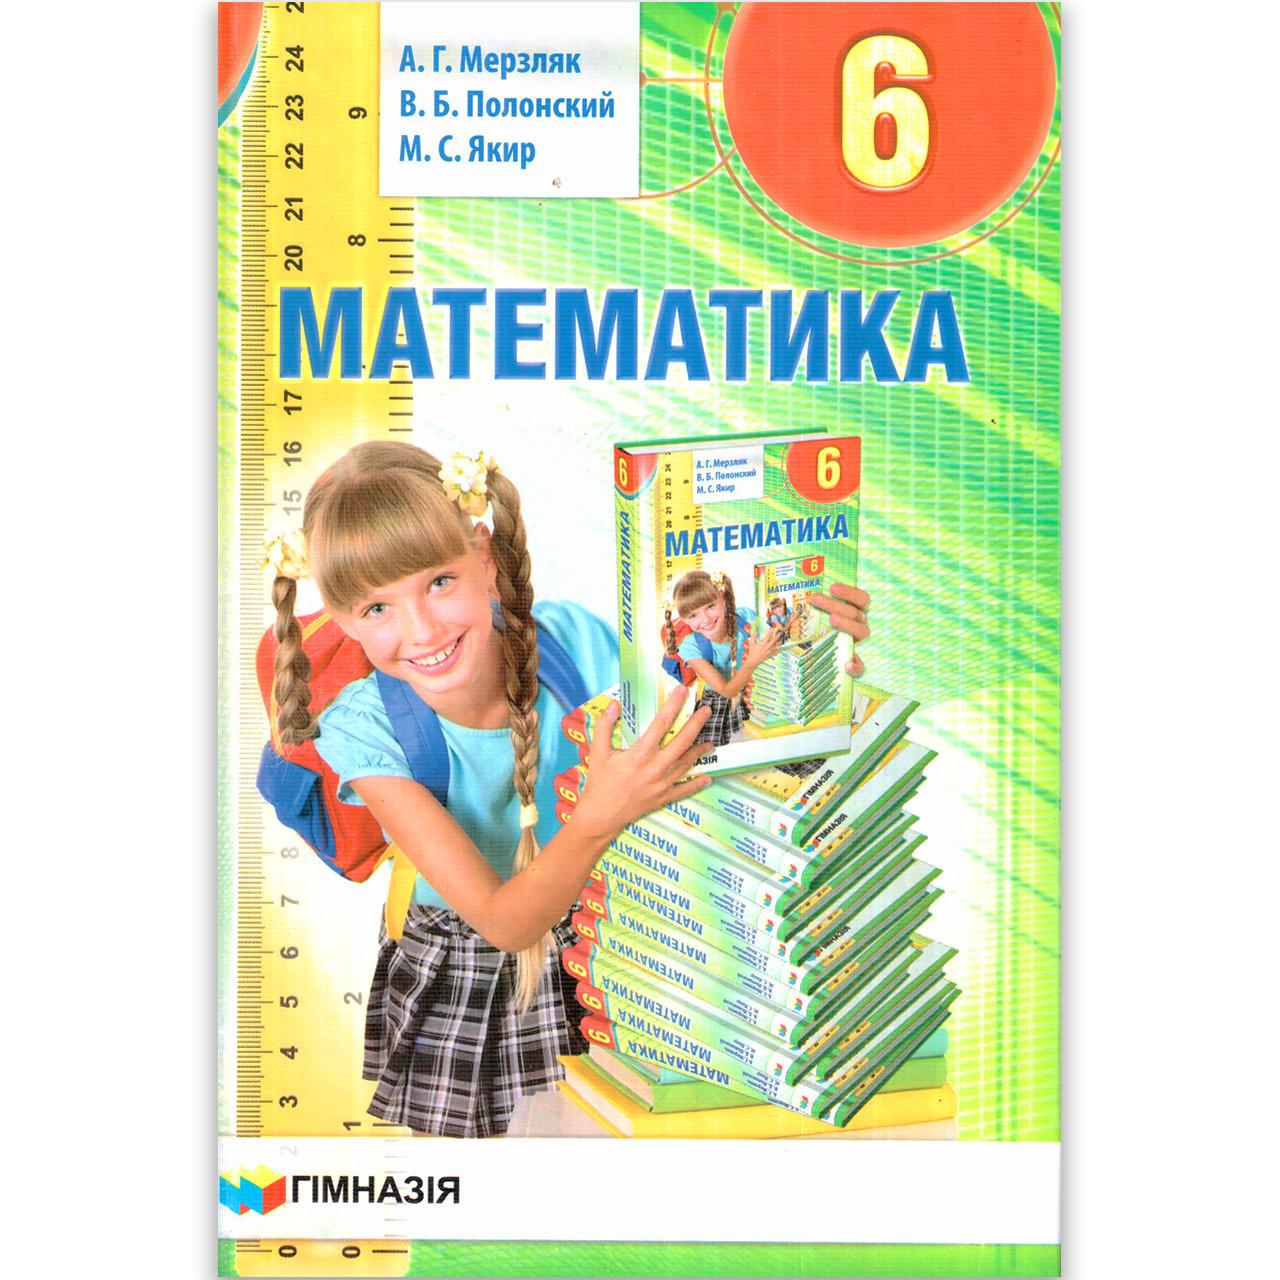 Учебник Математика 6 класс Авт: Мерзляк А. Полонский В. Якир М. Изд: Гімназія